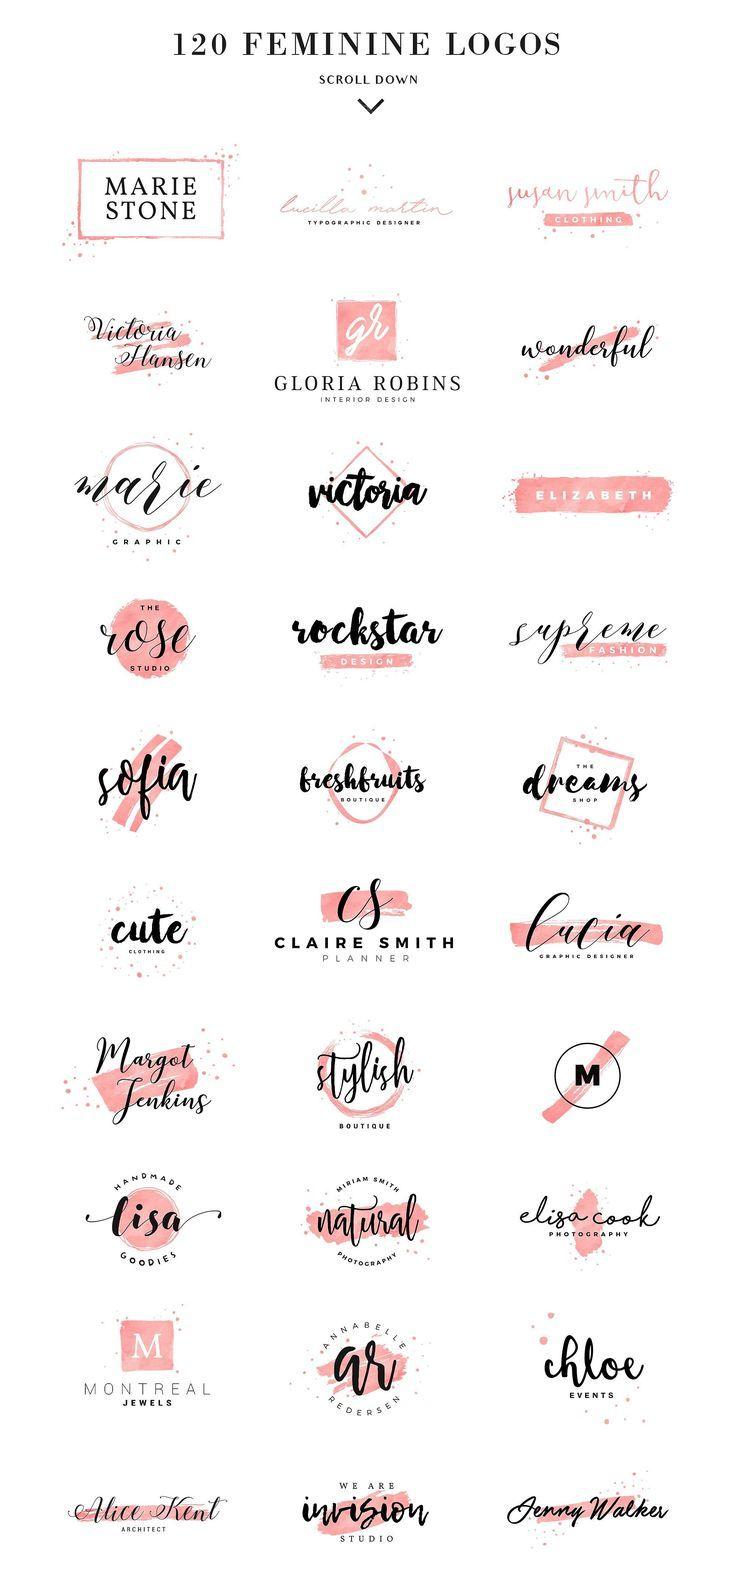 120 Feminine Branding Logos – MunichParis Studio – WordPress Themes & Tutorials For Bloggers